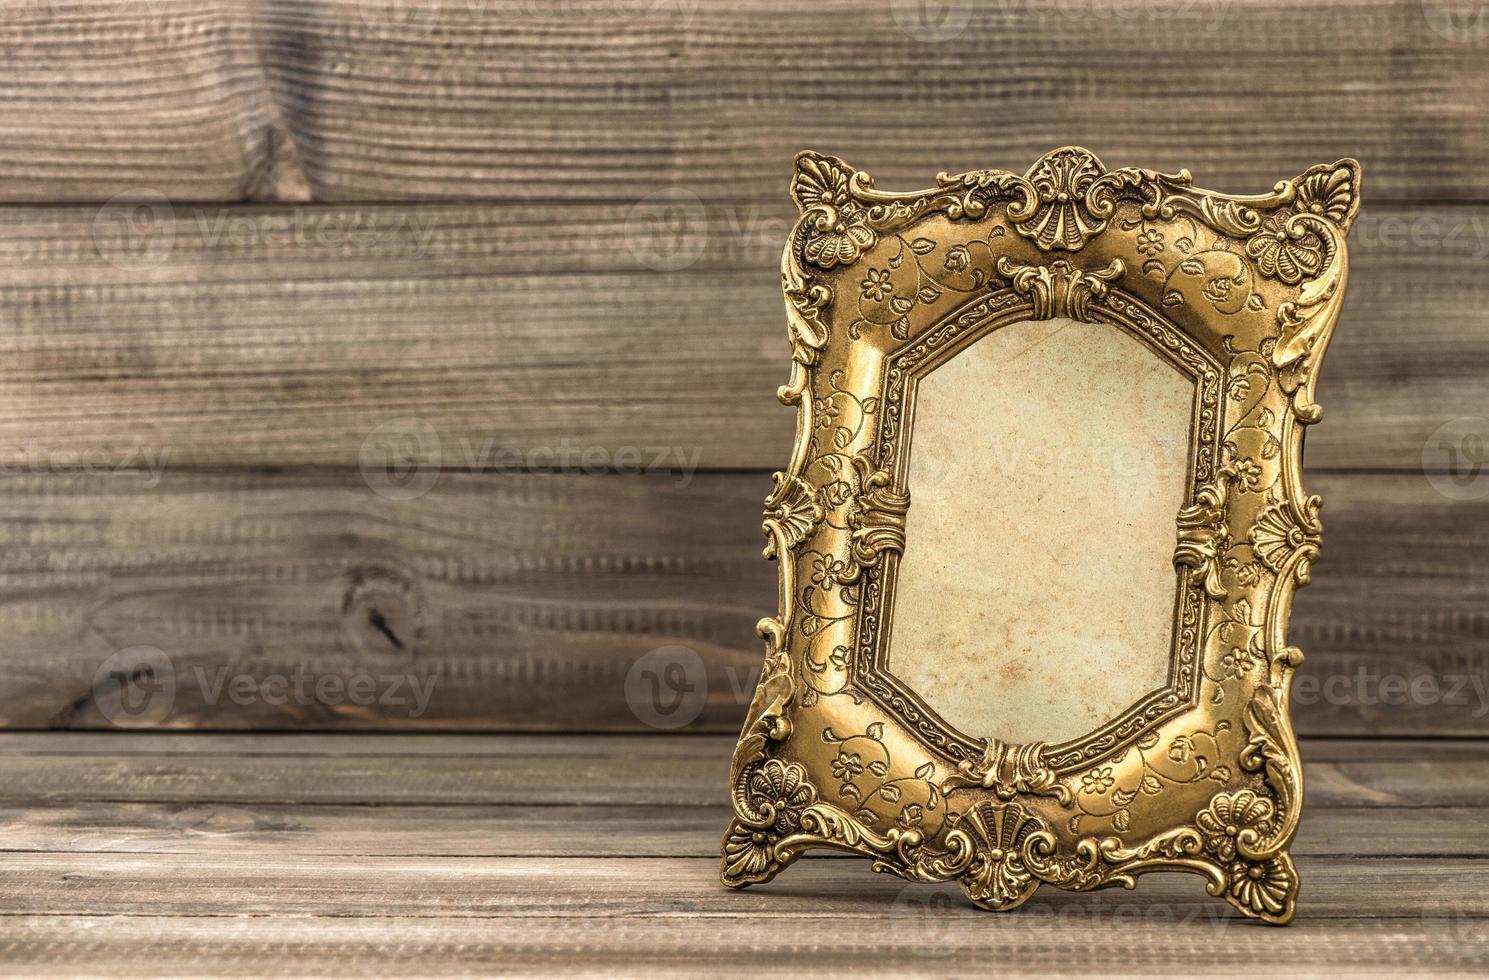 moldura barroca dourada com fundo de madeira foto